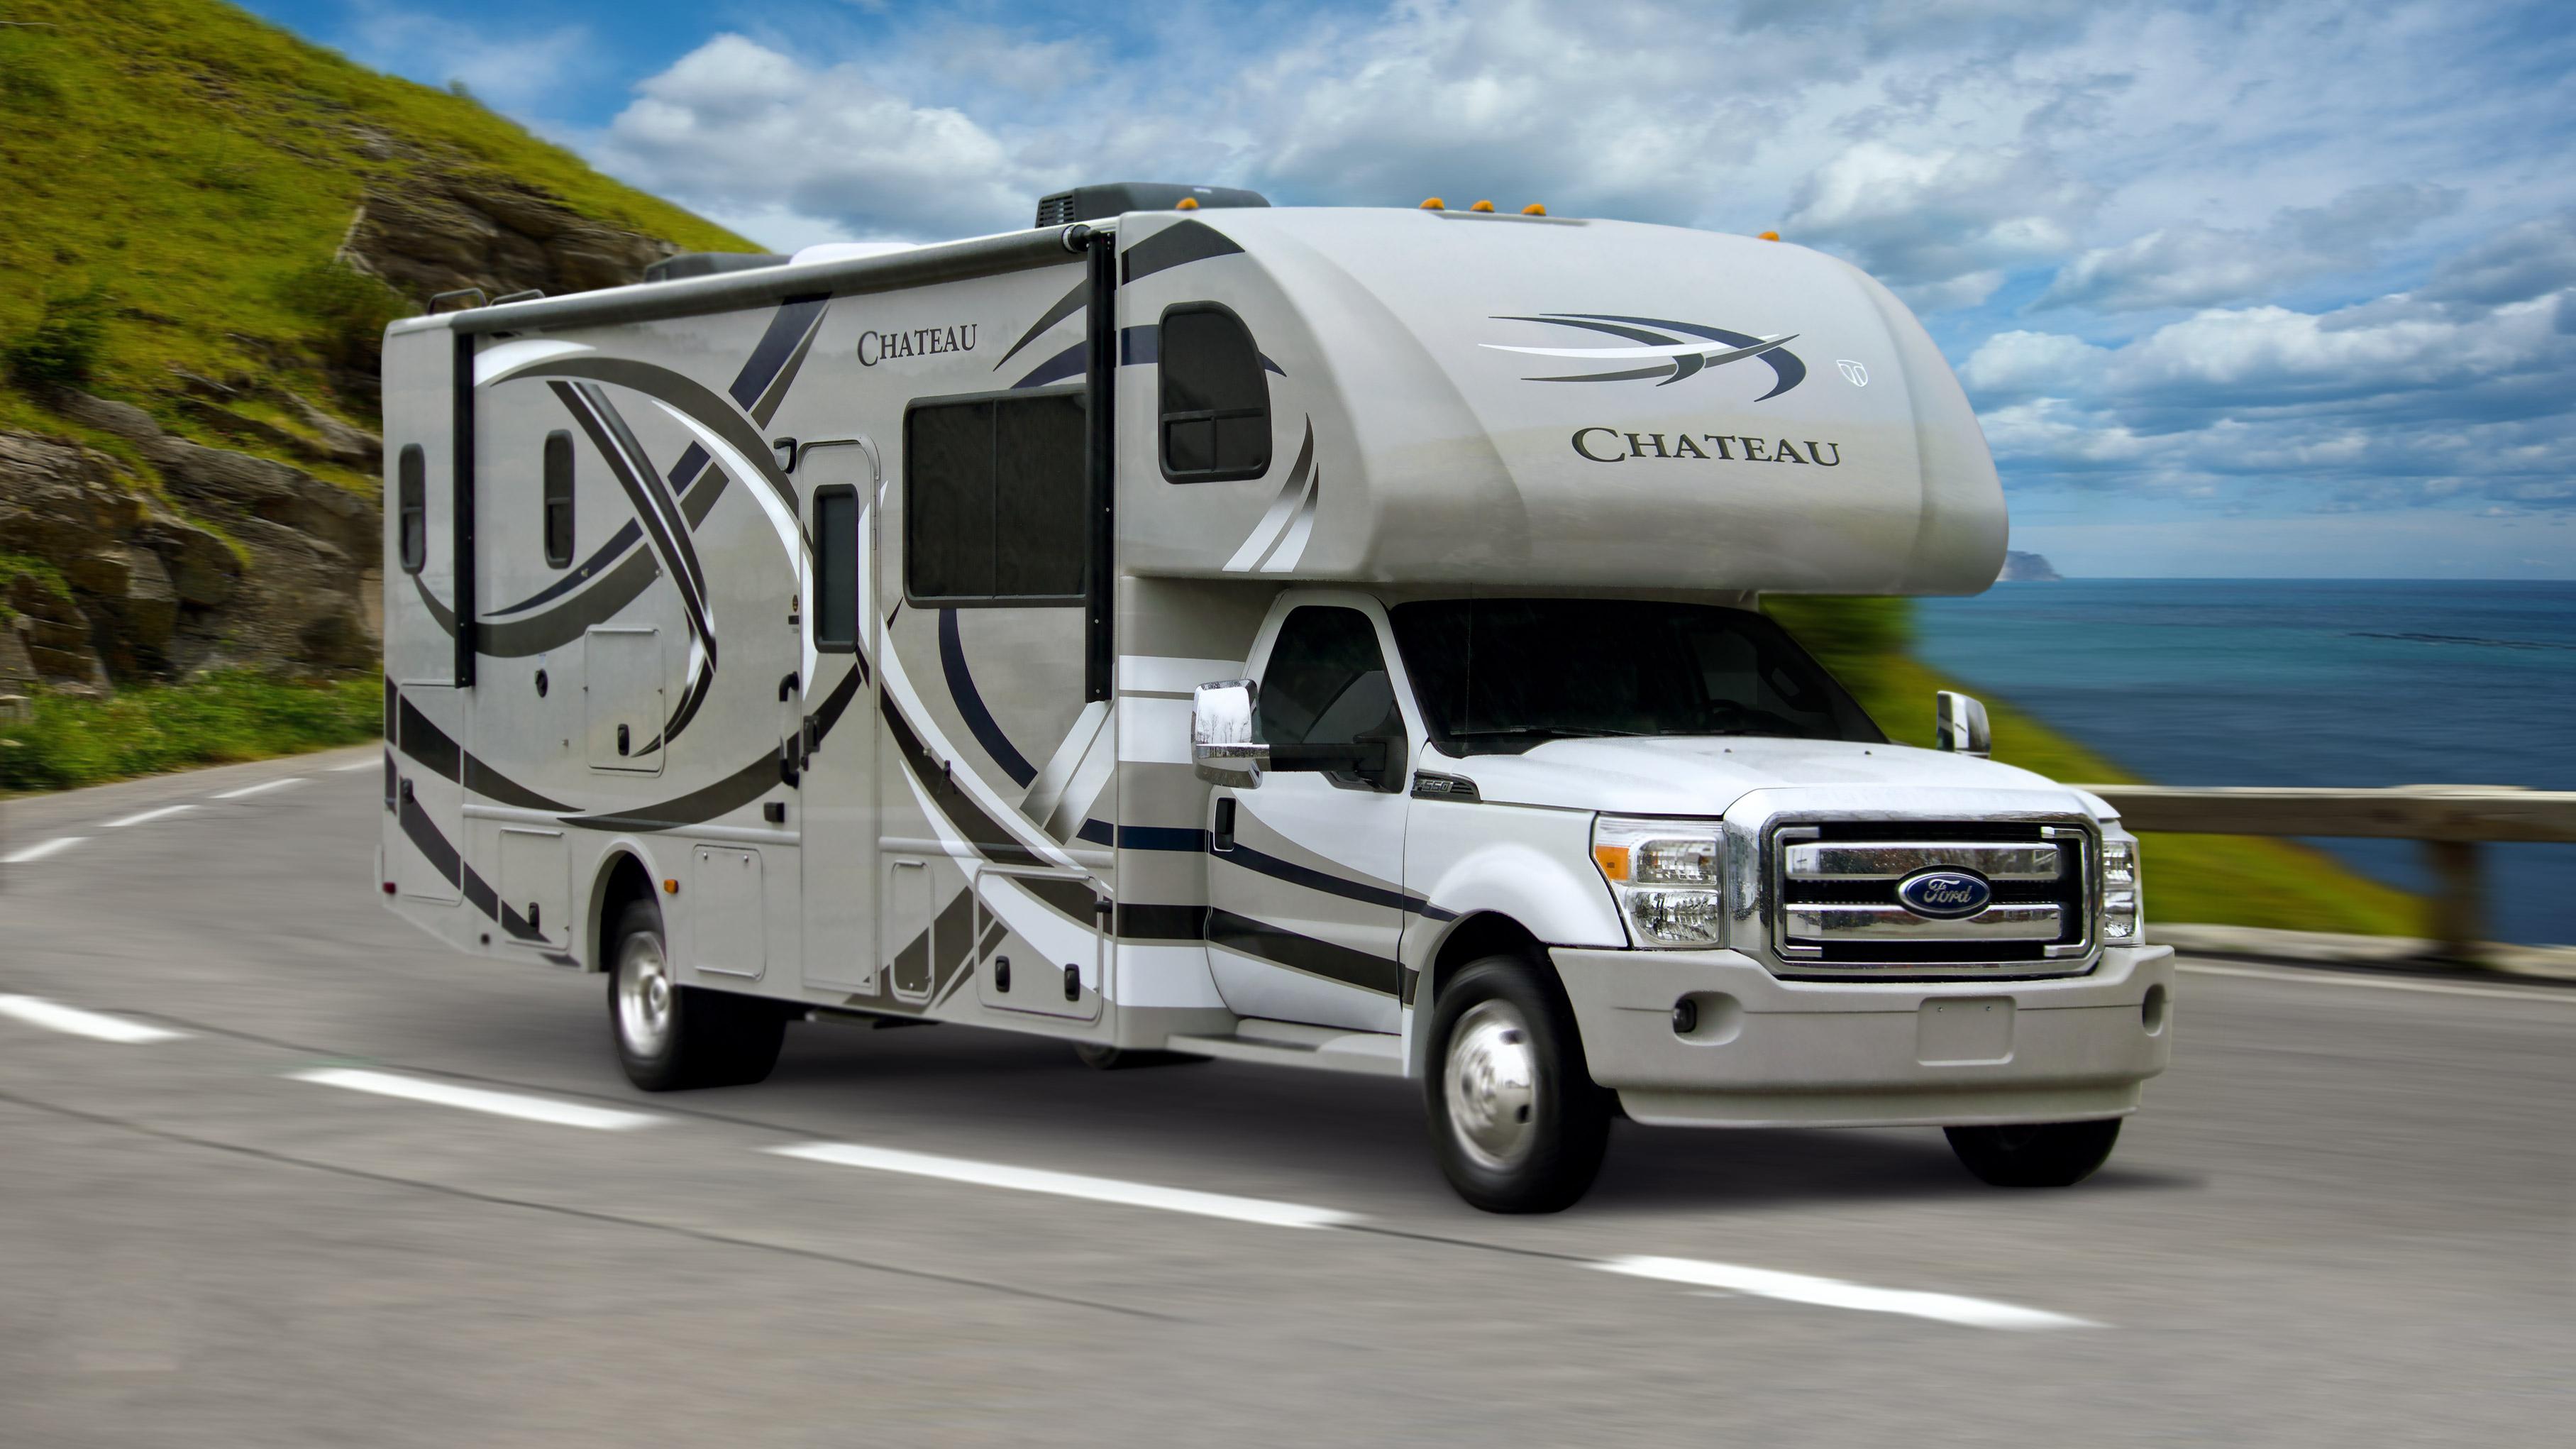 Comment importer un véhicule récréatif (VR) et camping-car des États-Unis